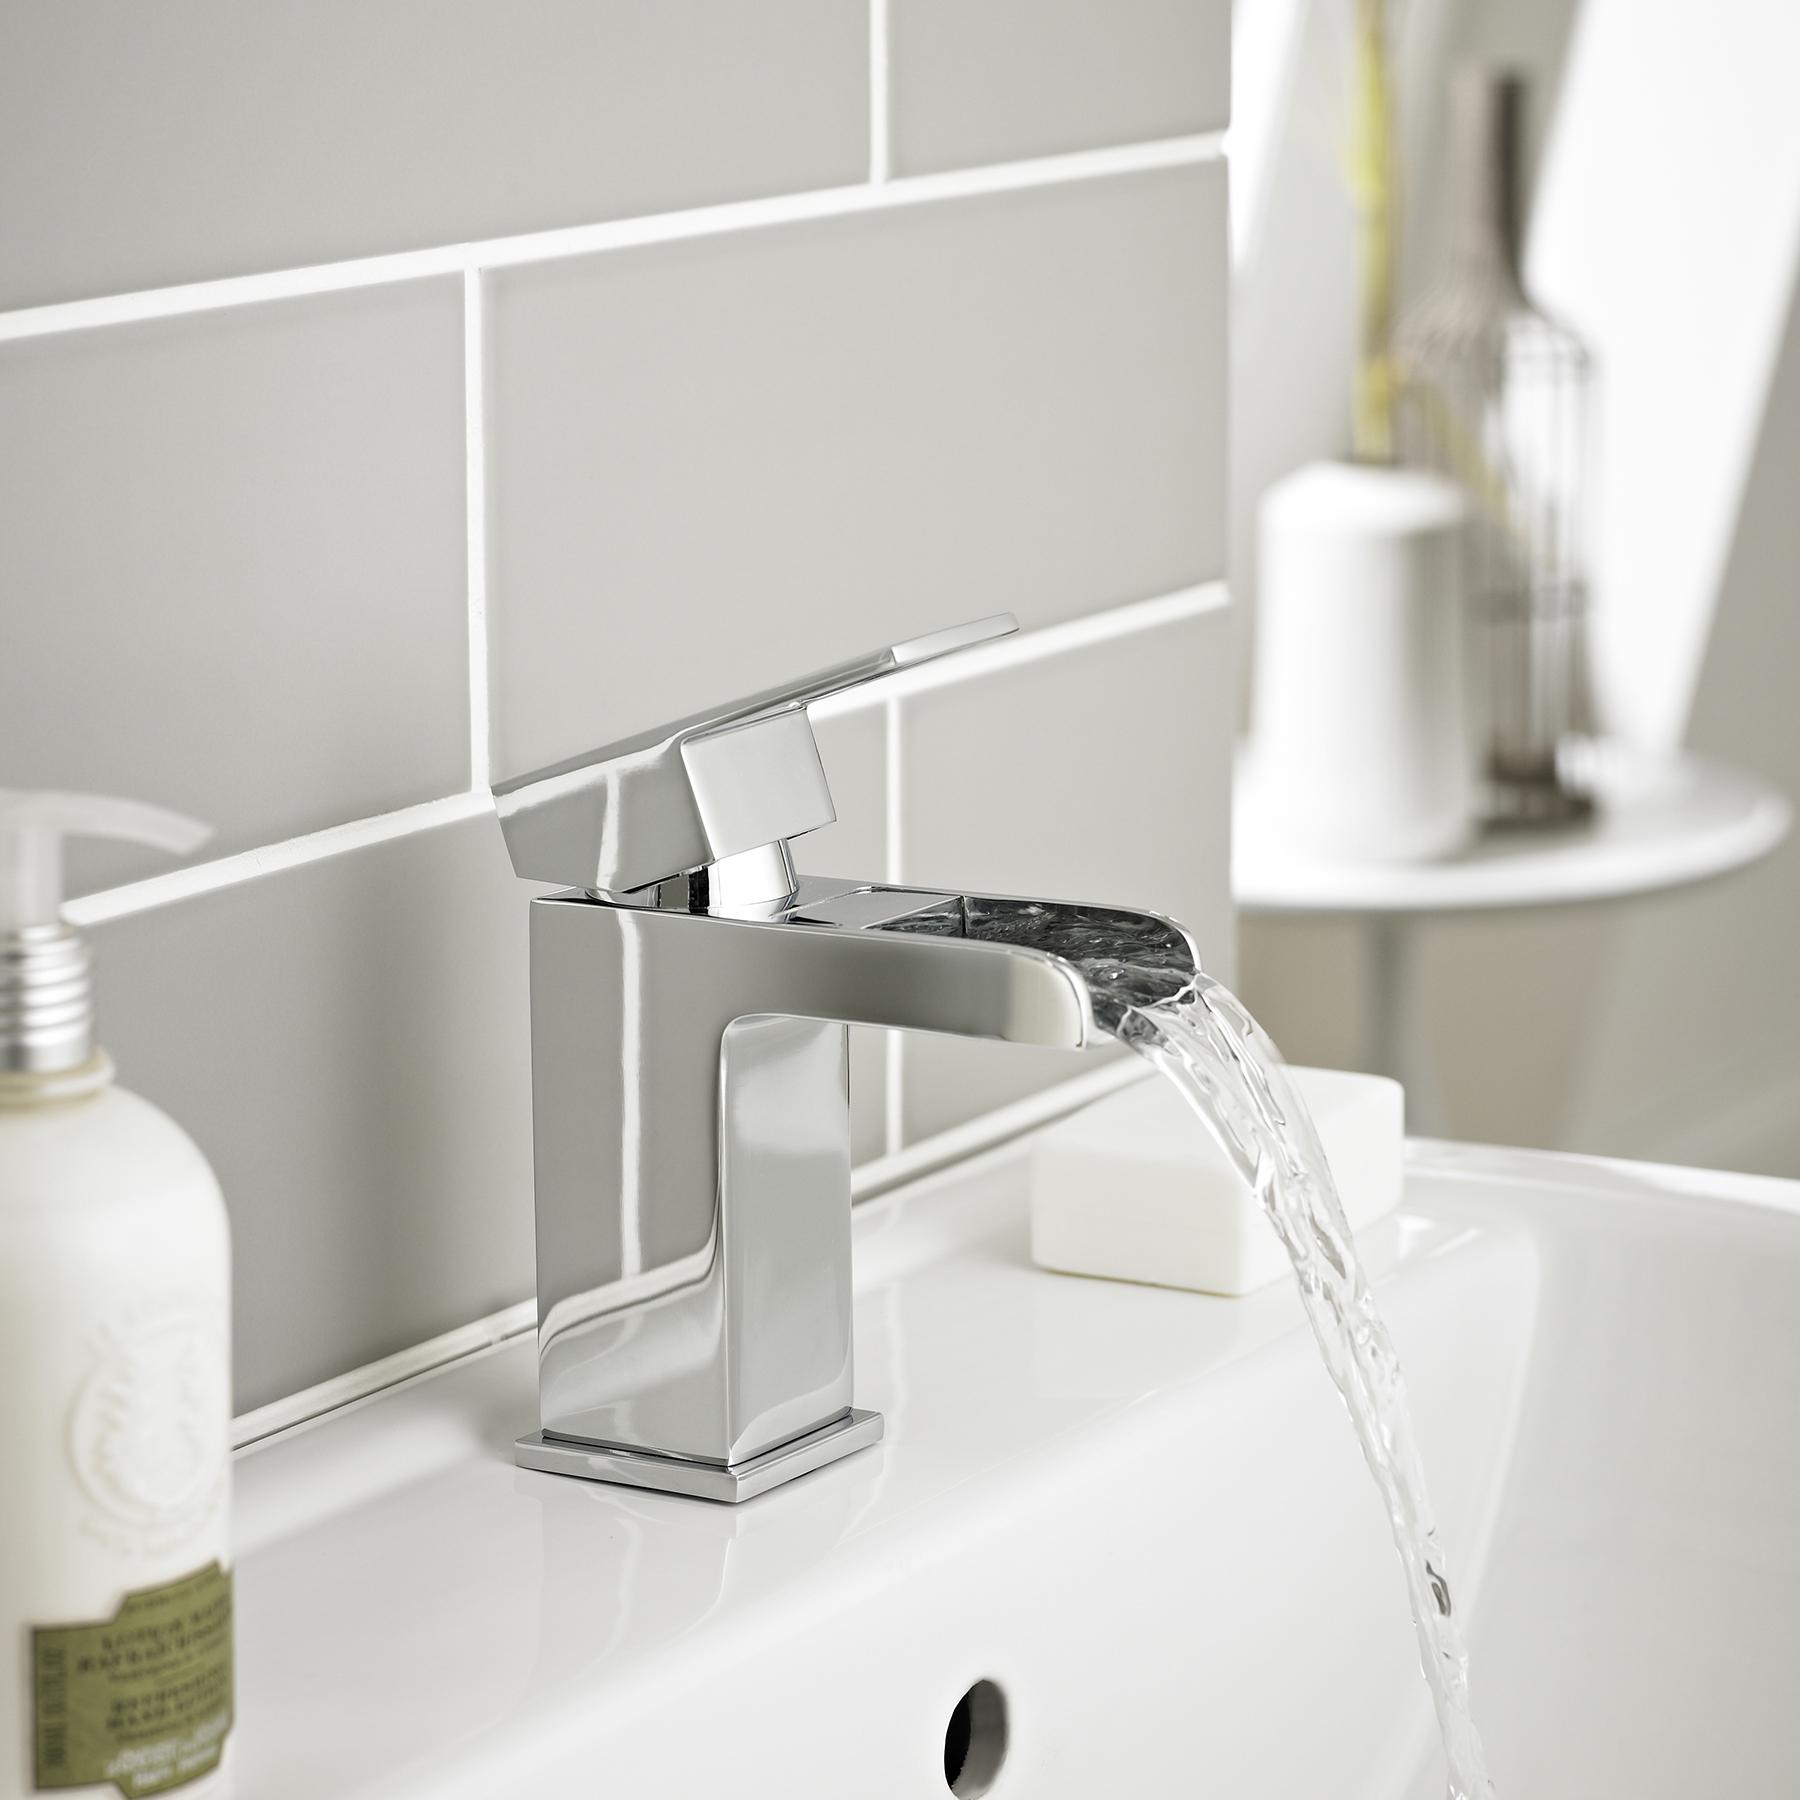 Modern Bathroom Chrome Adore Basin Mixer Sink Bath Filler Shower Tap ...